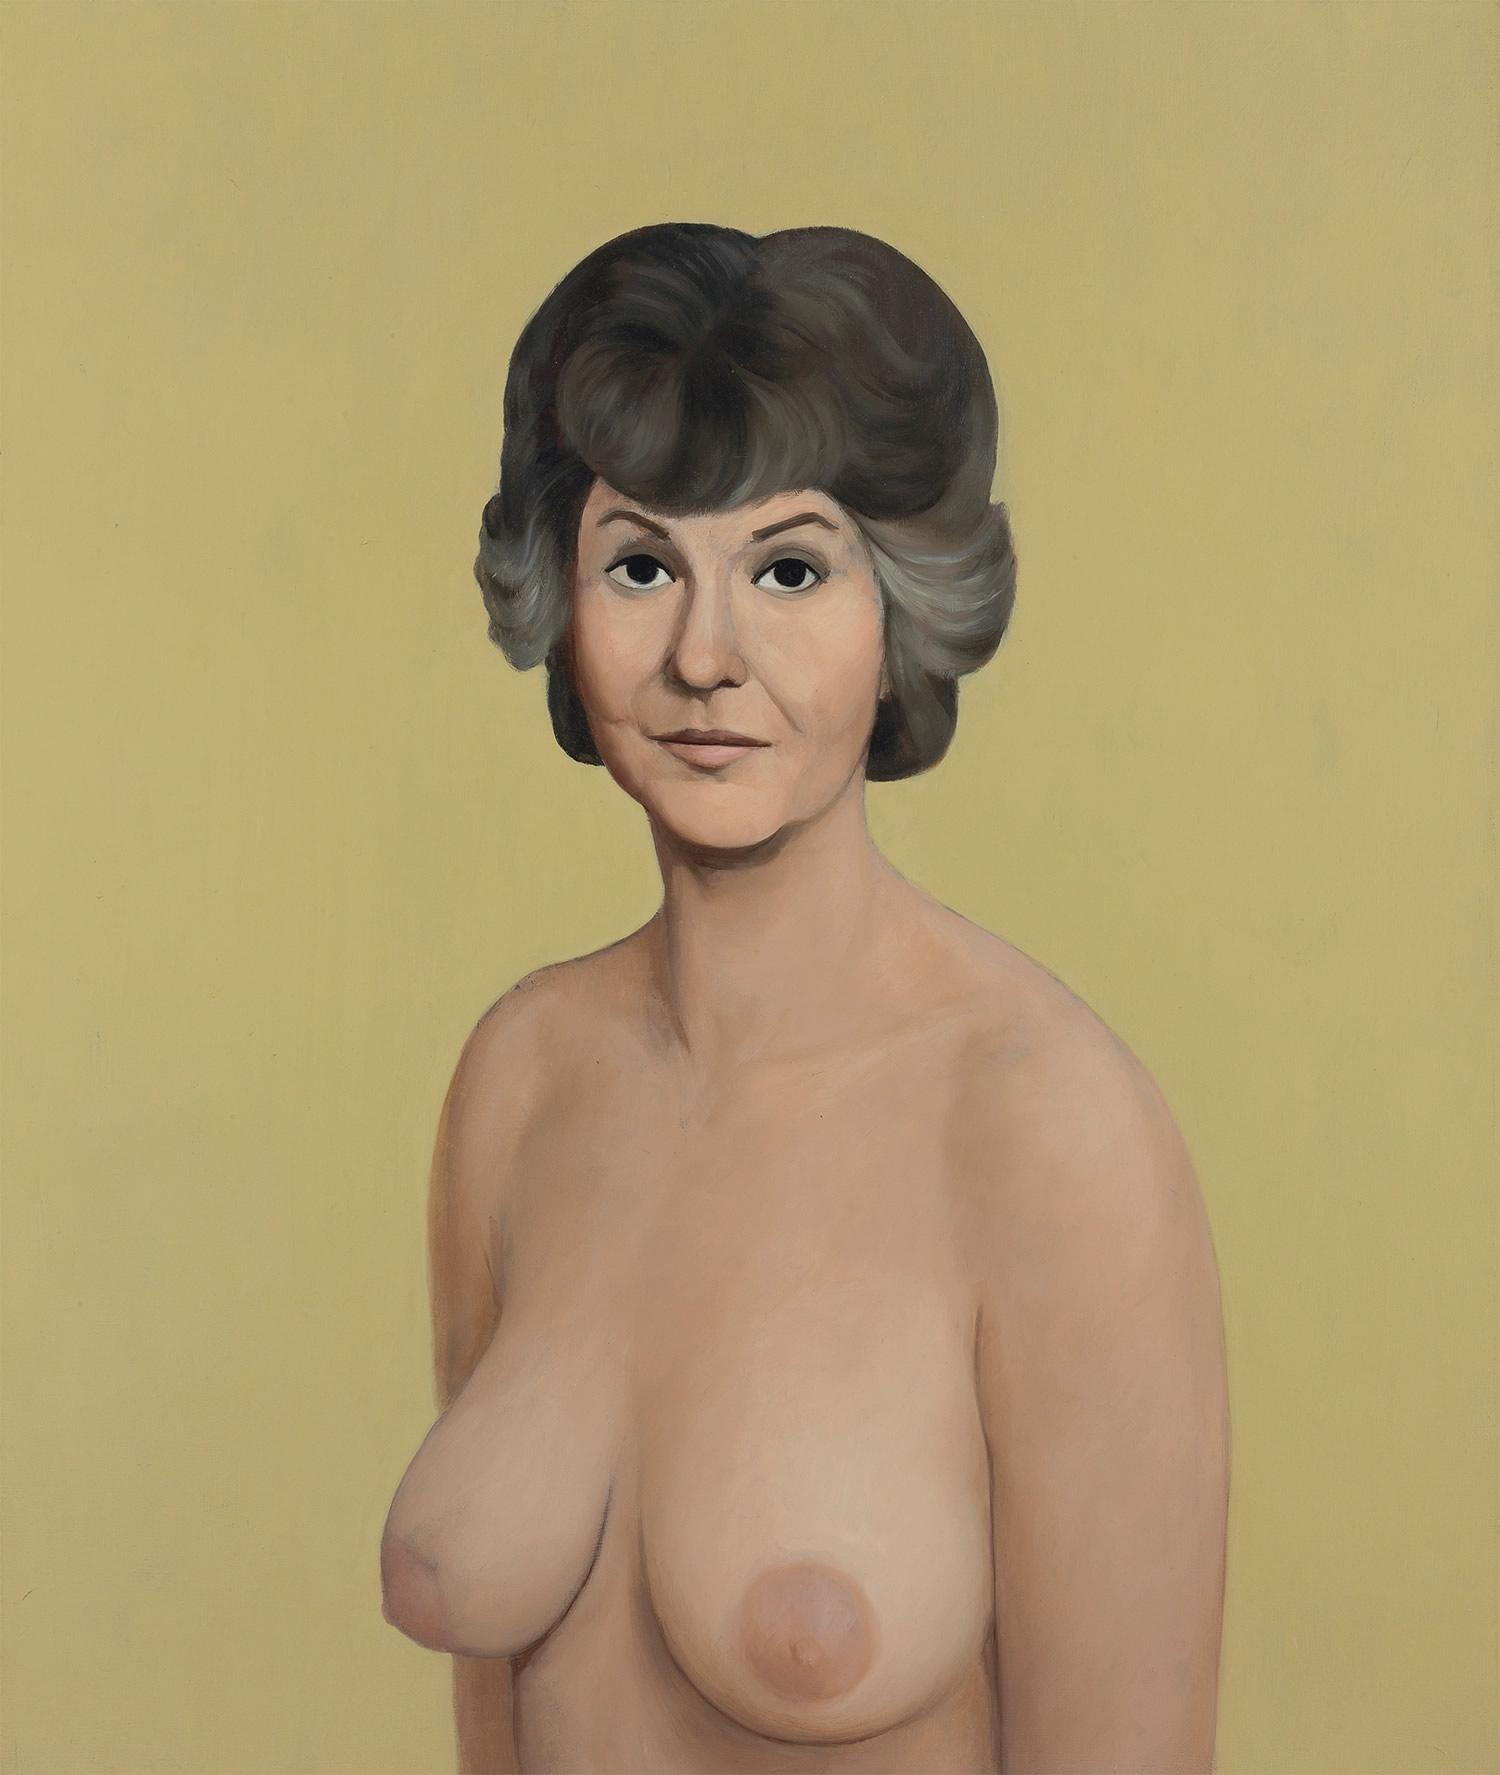 bea arthur portrait nude john currin